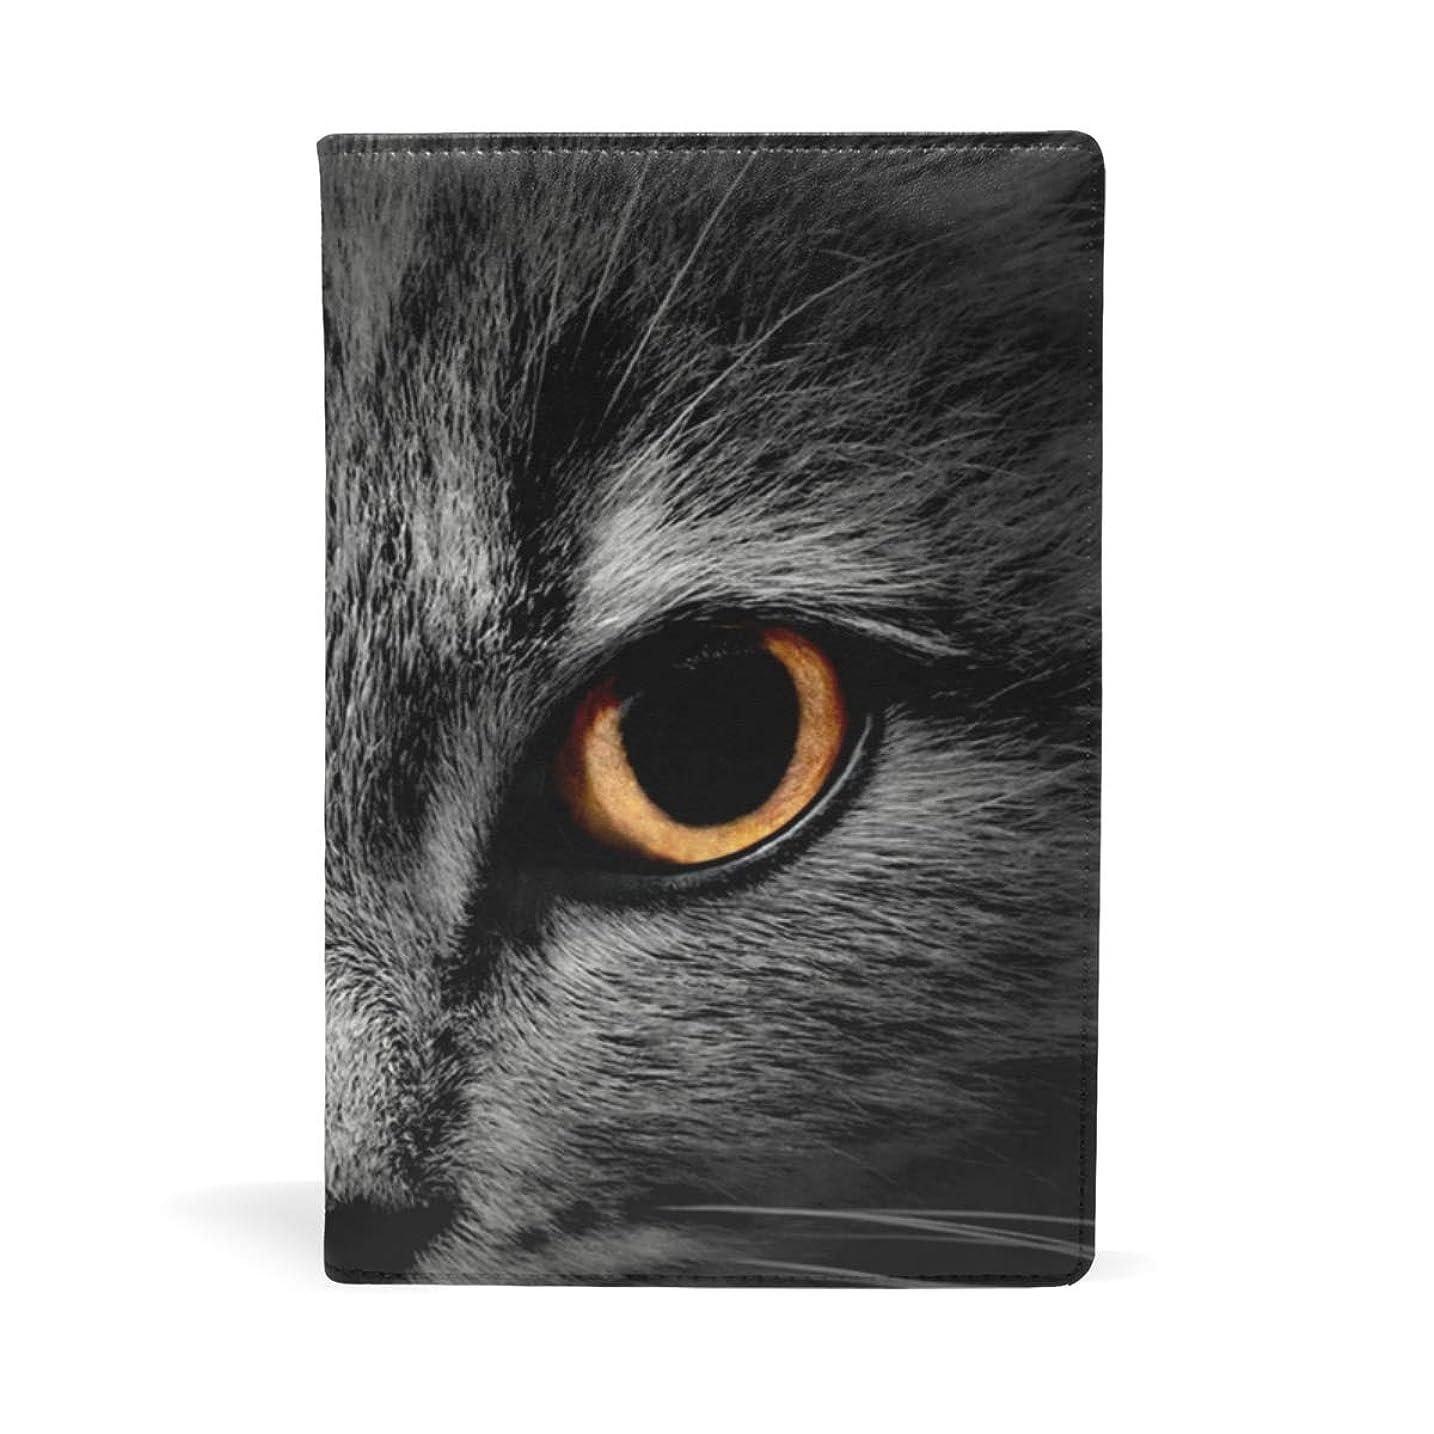 会計オフハプニングブックカバー 文庫 a5 皮革 レザー 猫の目 文庫本カバー ファイル 資料 収納入れ オフィス用品 読書 雑貨 プレゼント